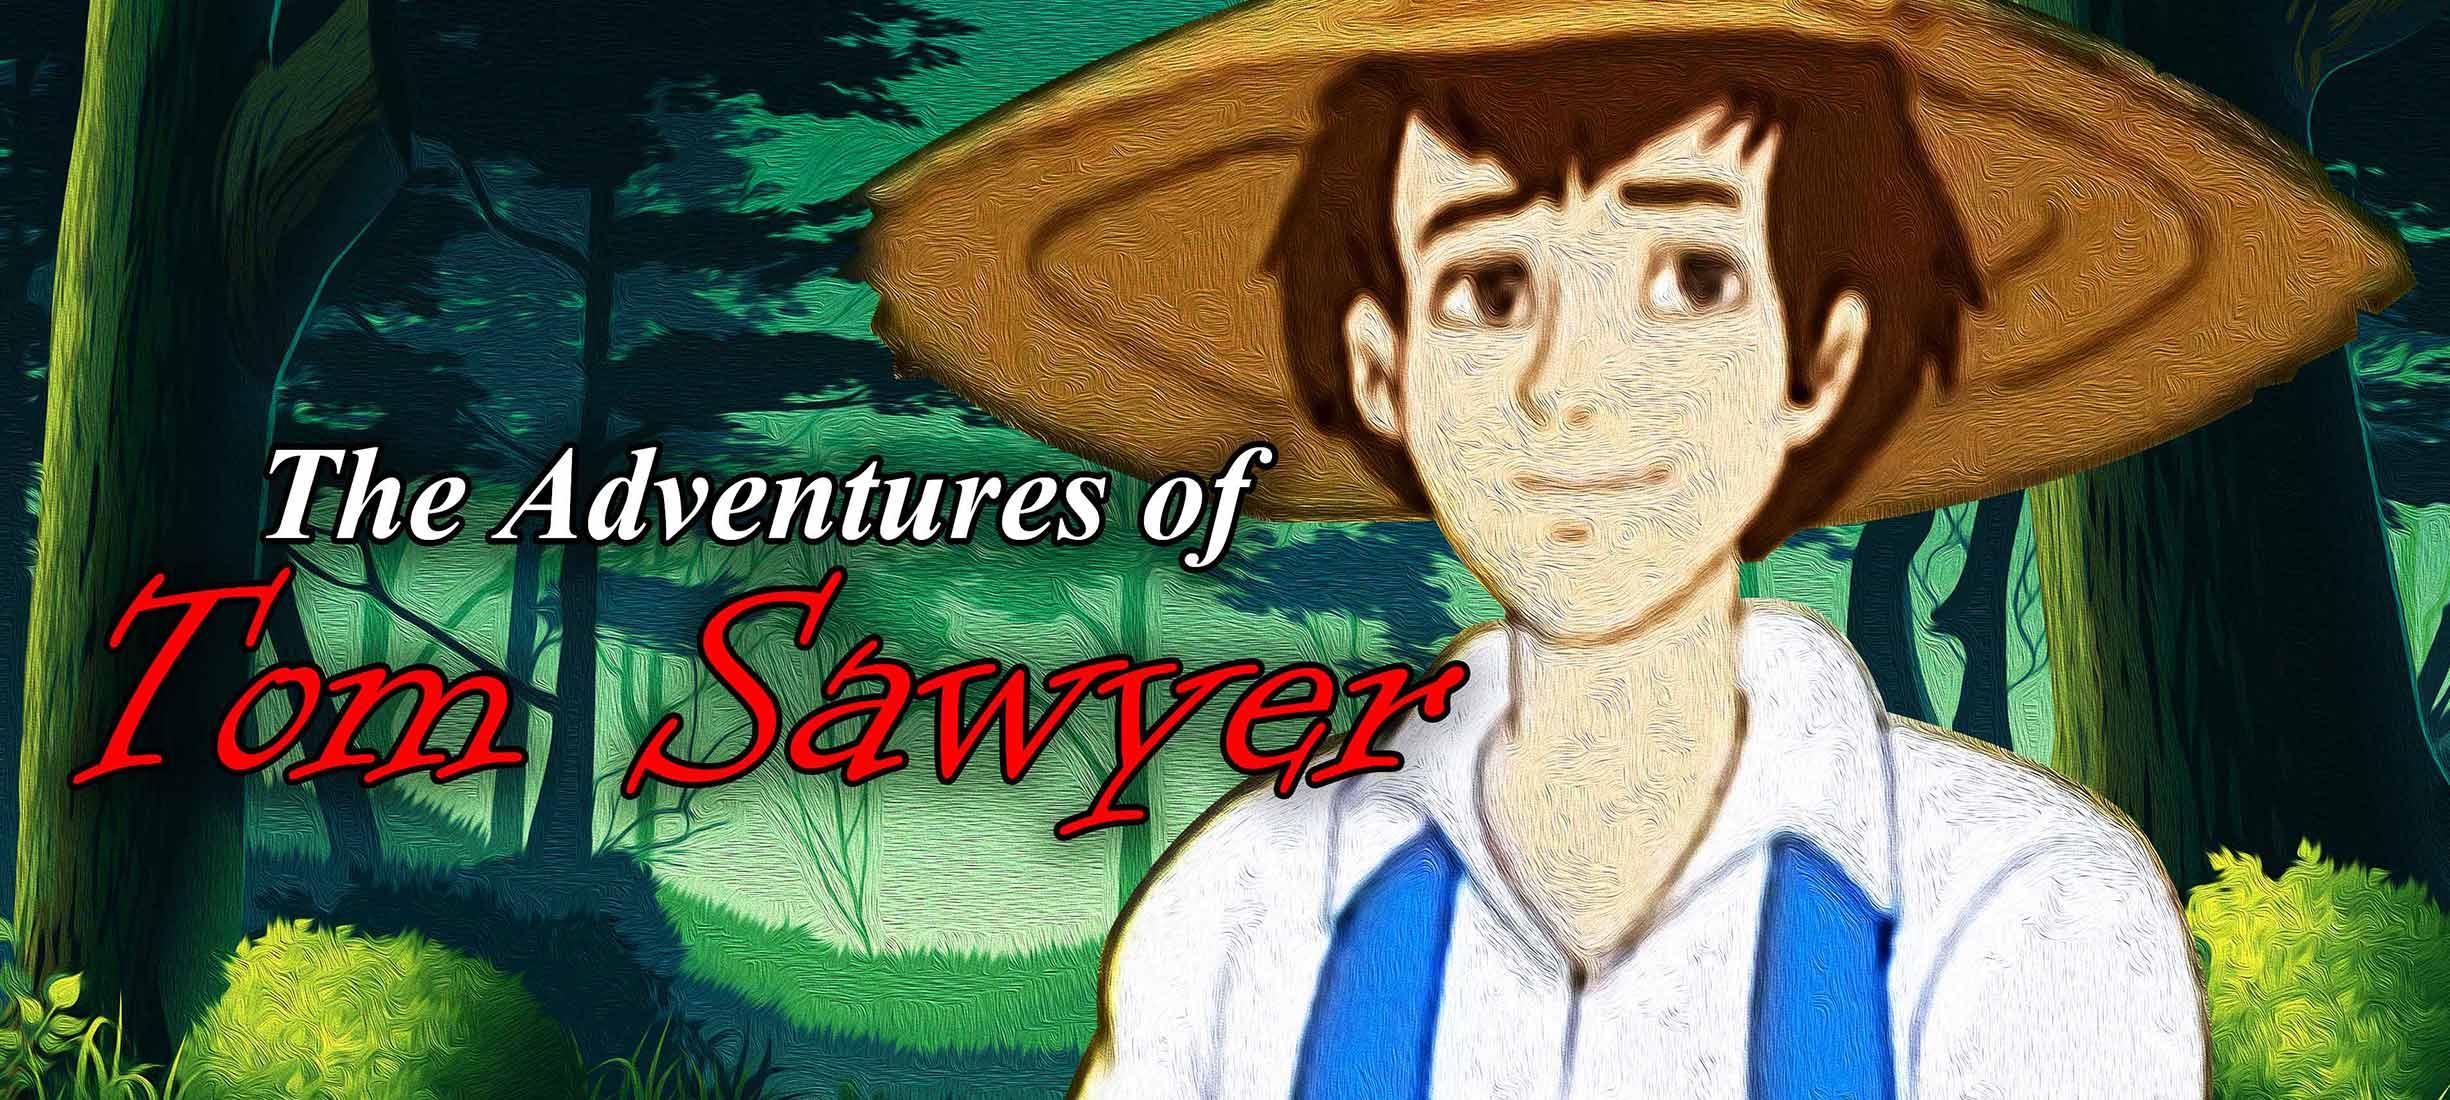 Tom Sawyer 2000 Animated Full Film - YouTube